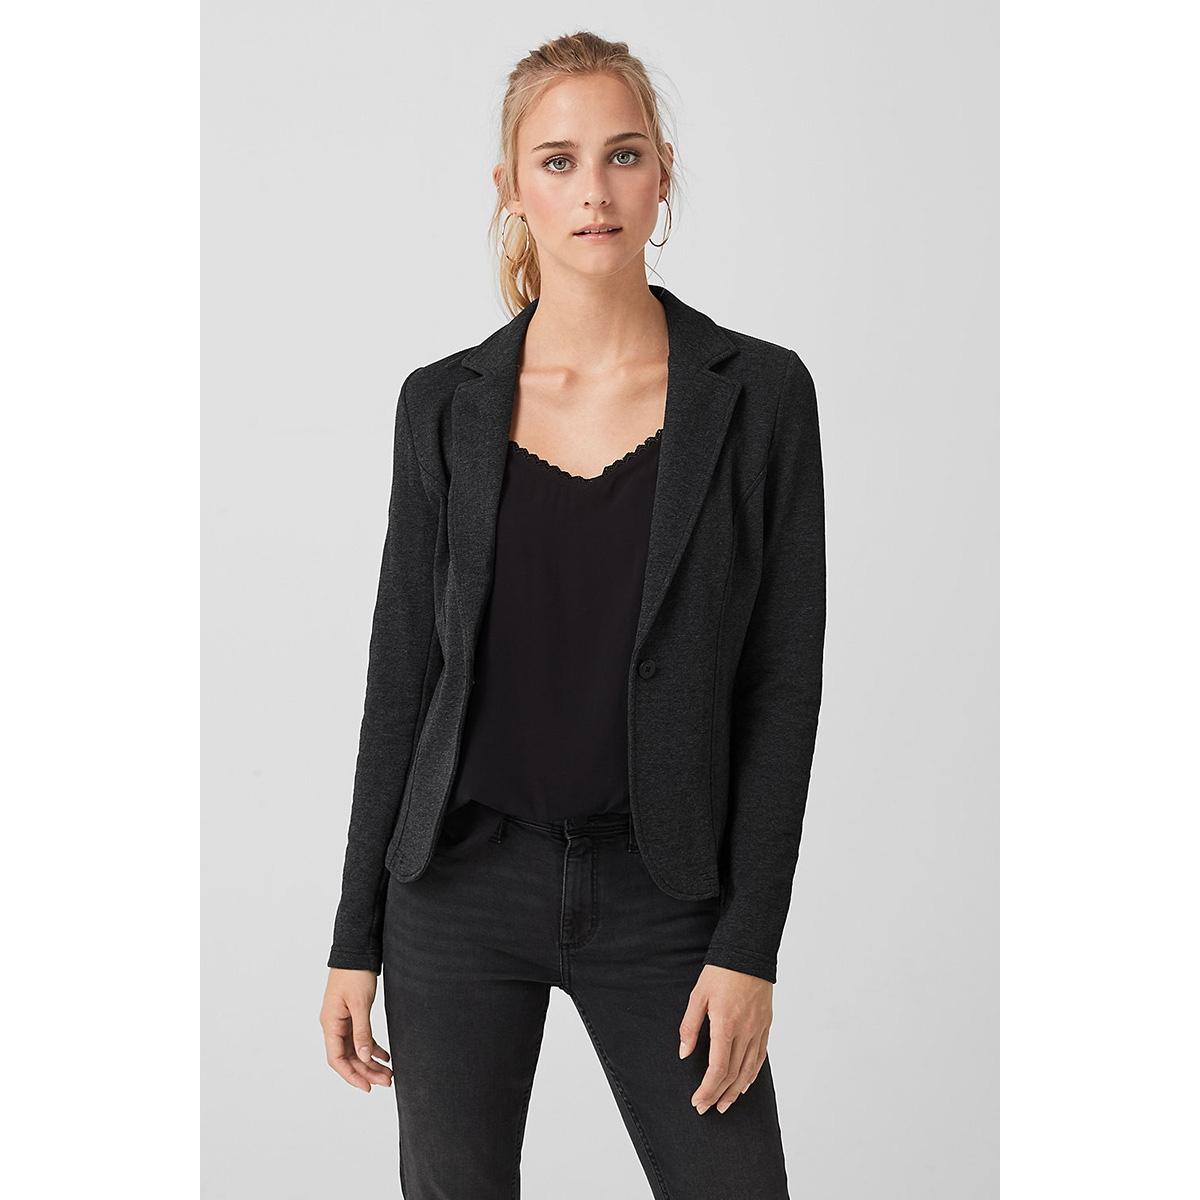 gemeleerde blazer 42908434240 q/s designed by blazer 9999